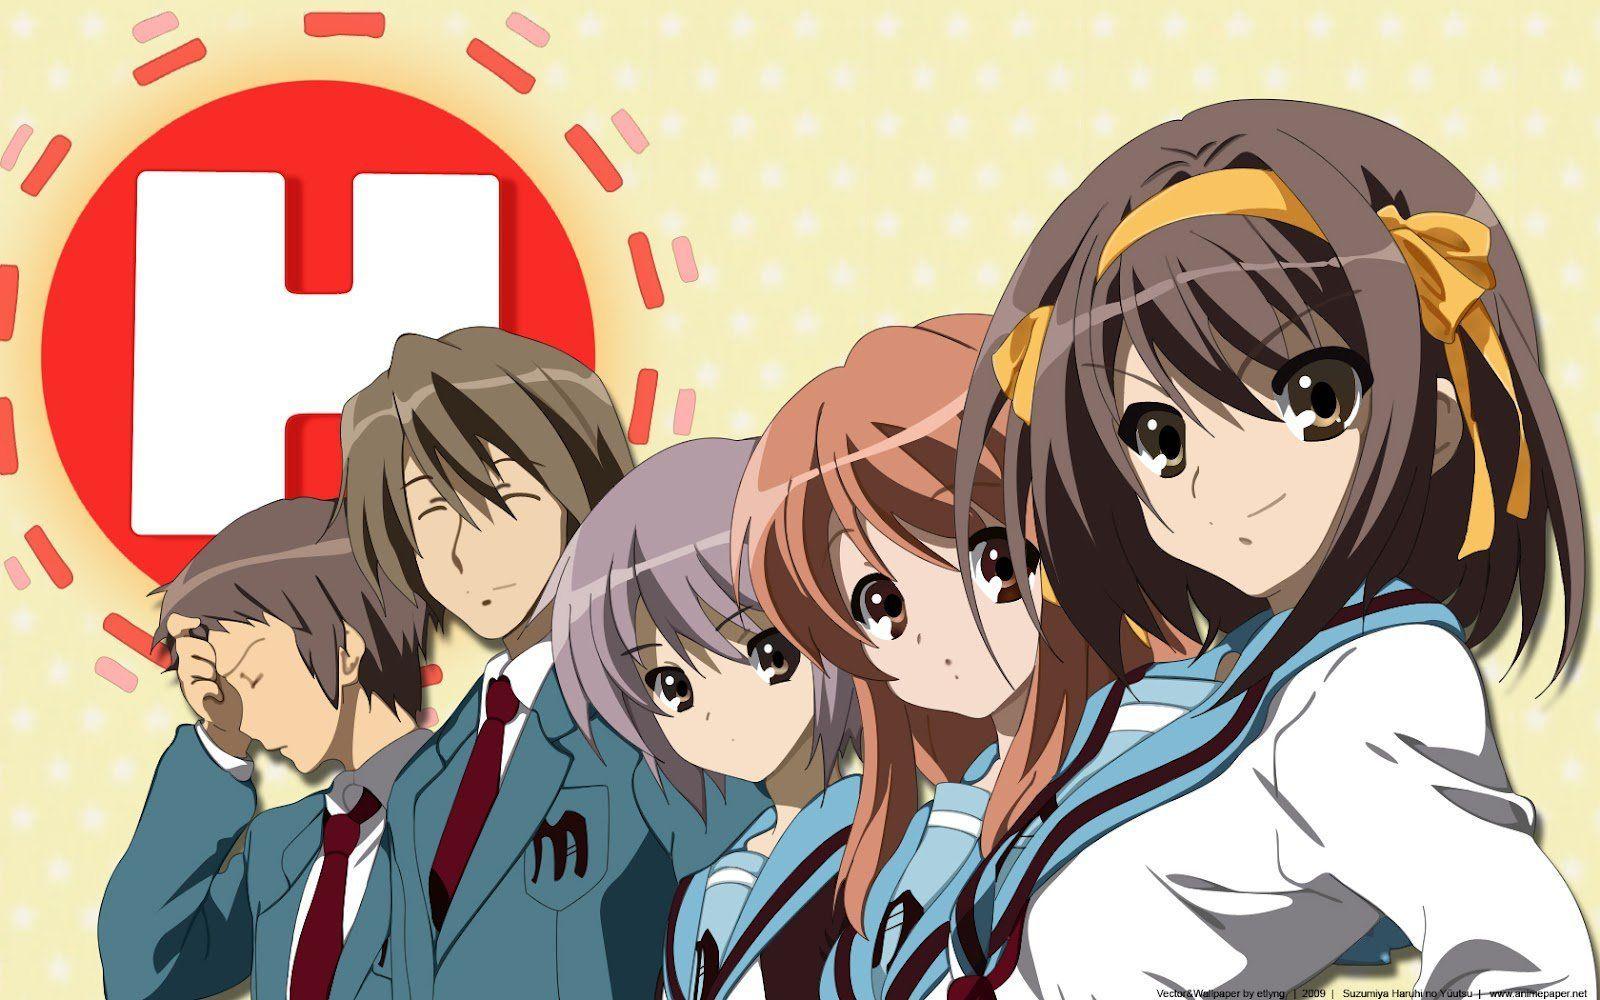 6507 - ¿Conoces los opening de varios anime?. Entra aquí.